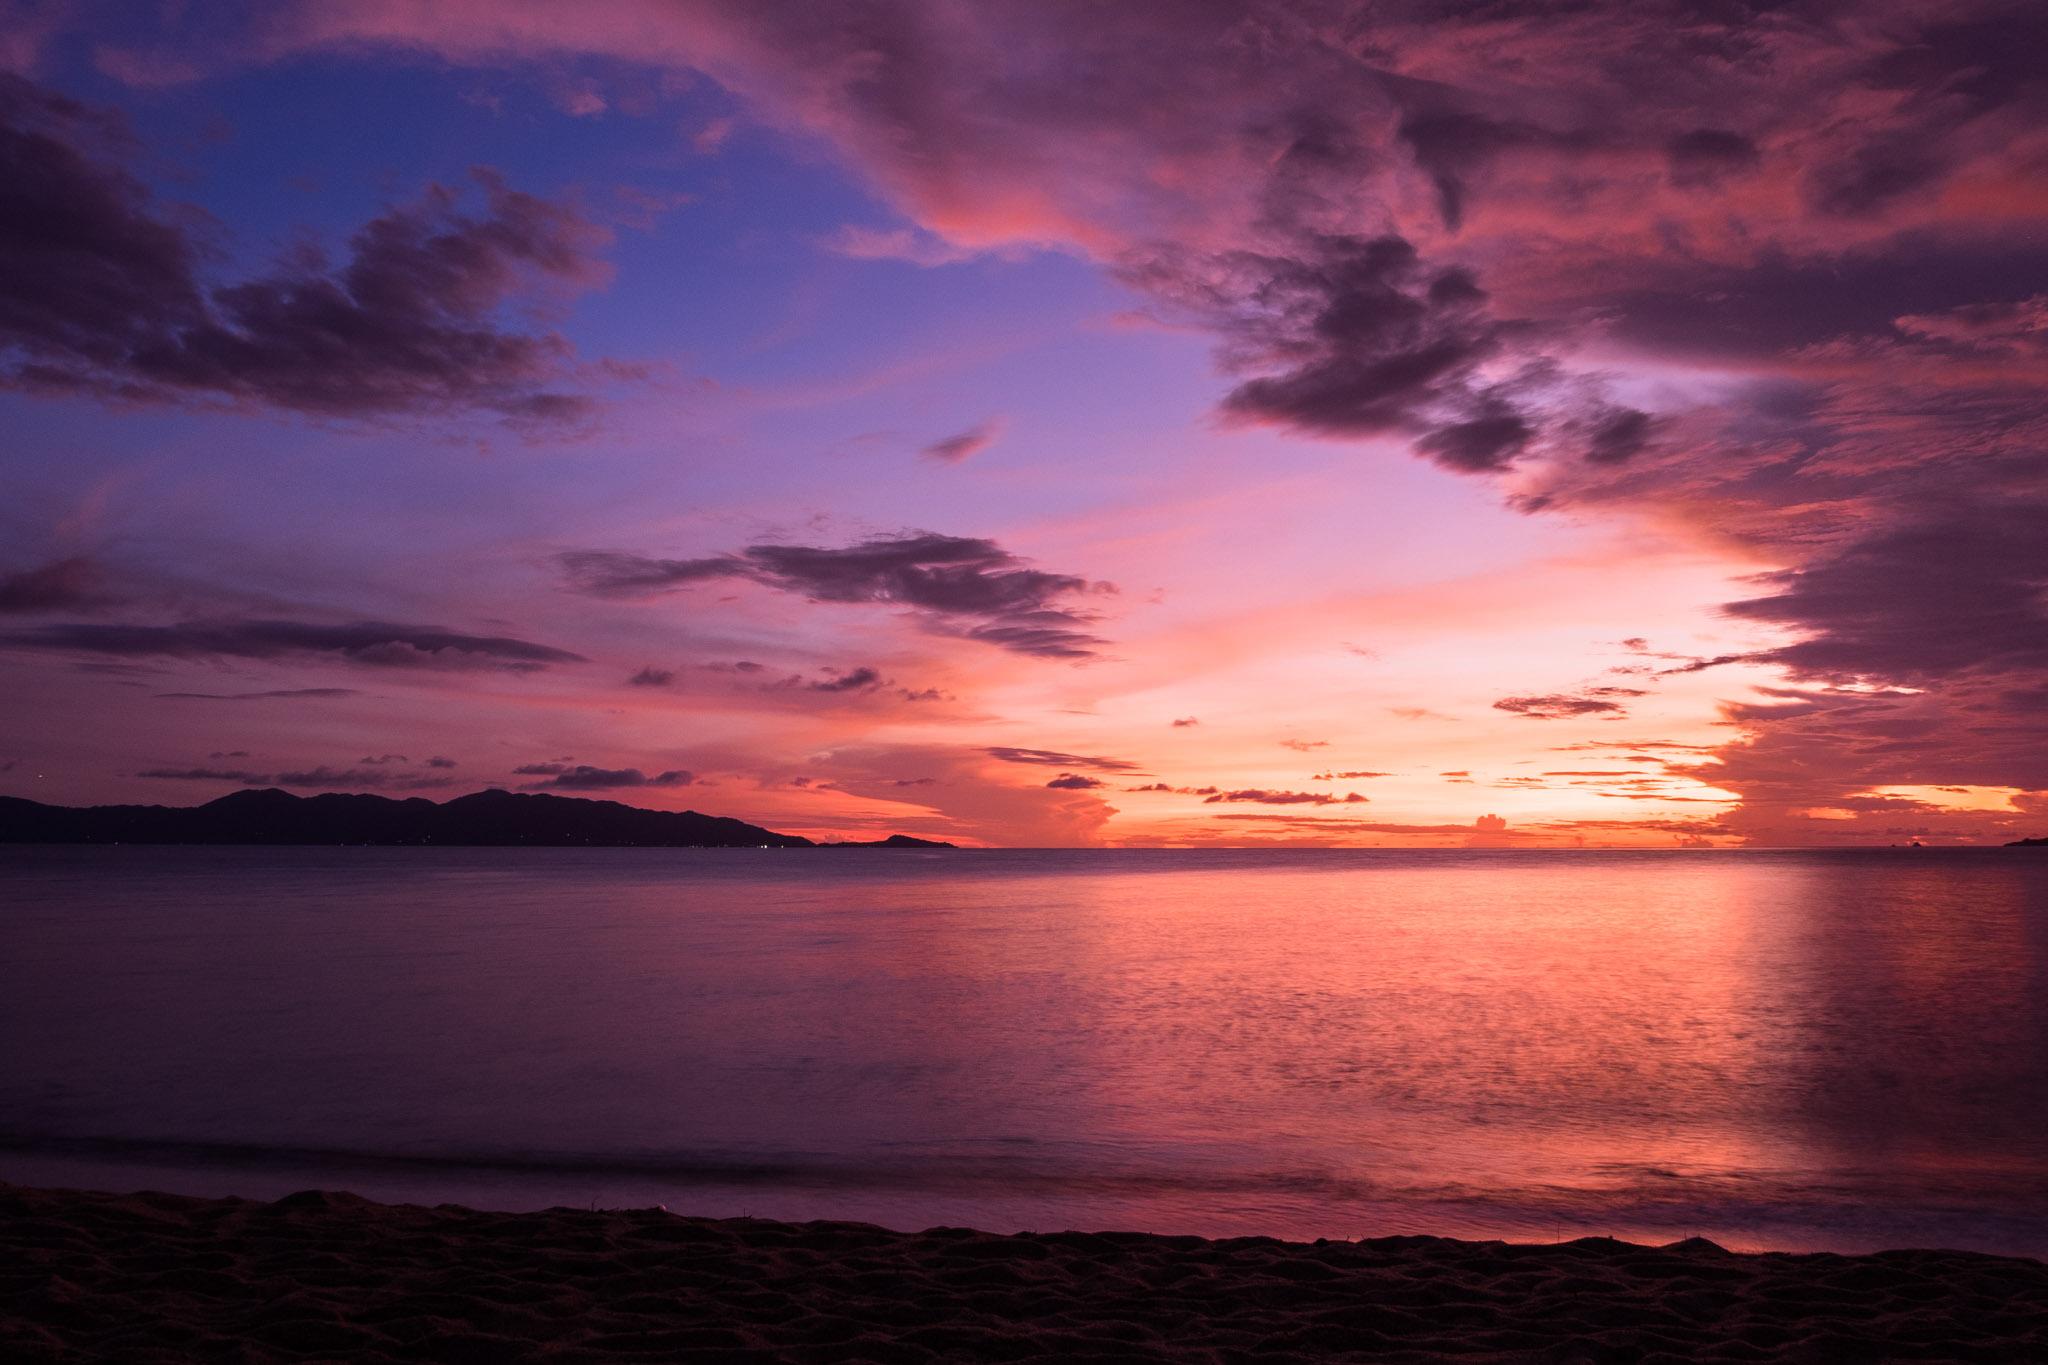 Traumhafter Sonnenuntergang auf Koh Samui (Foto: Birgit Rilk)